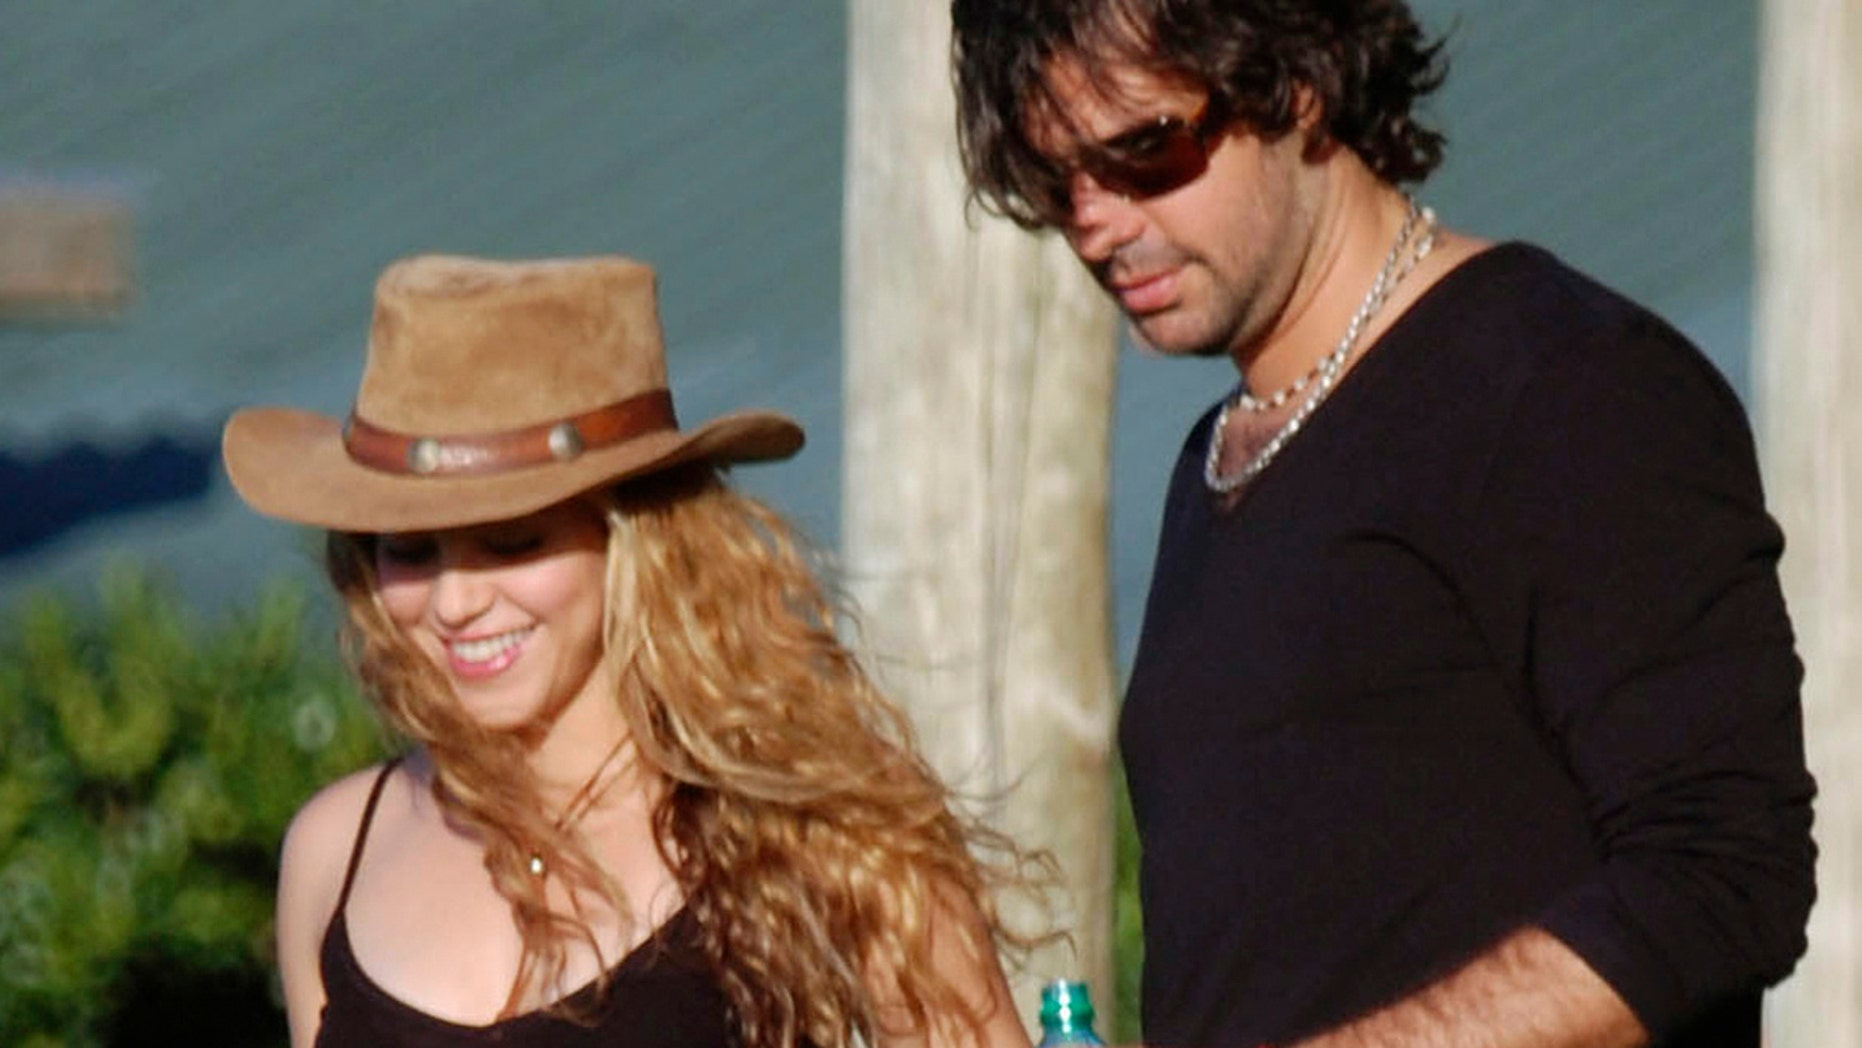 Shakira and Antonio De la Rúa in happier times.